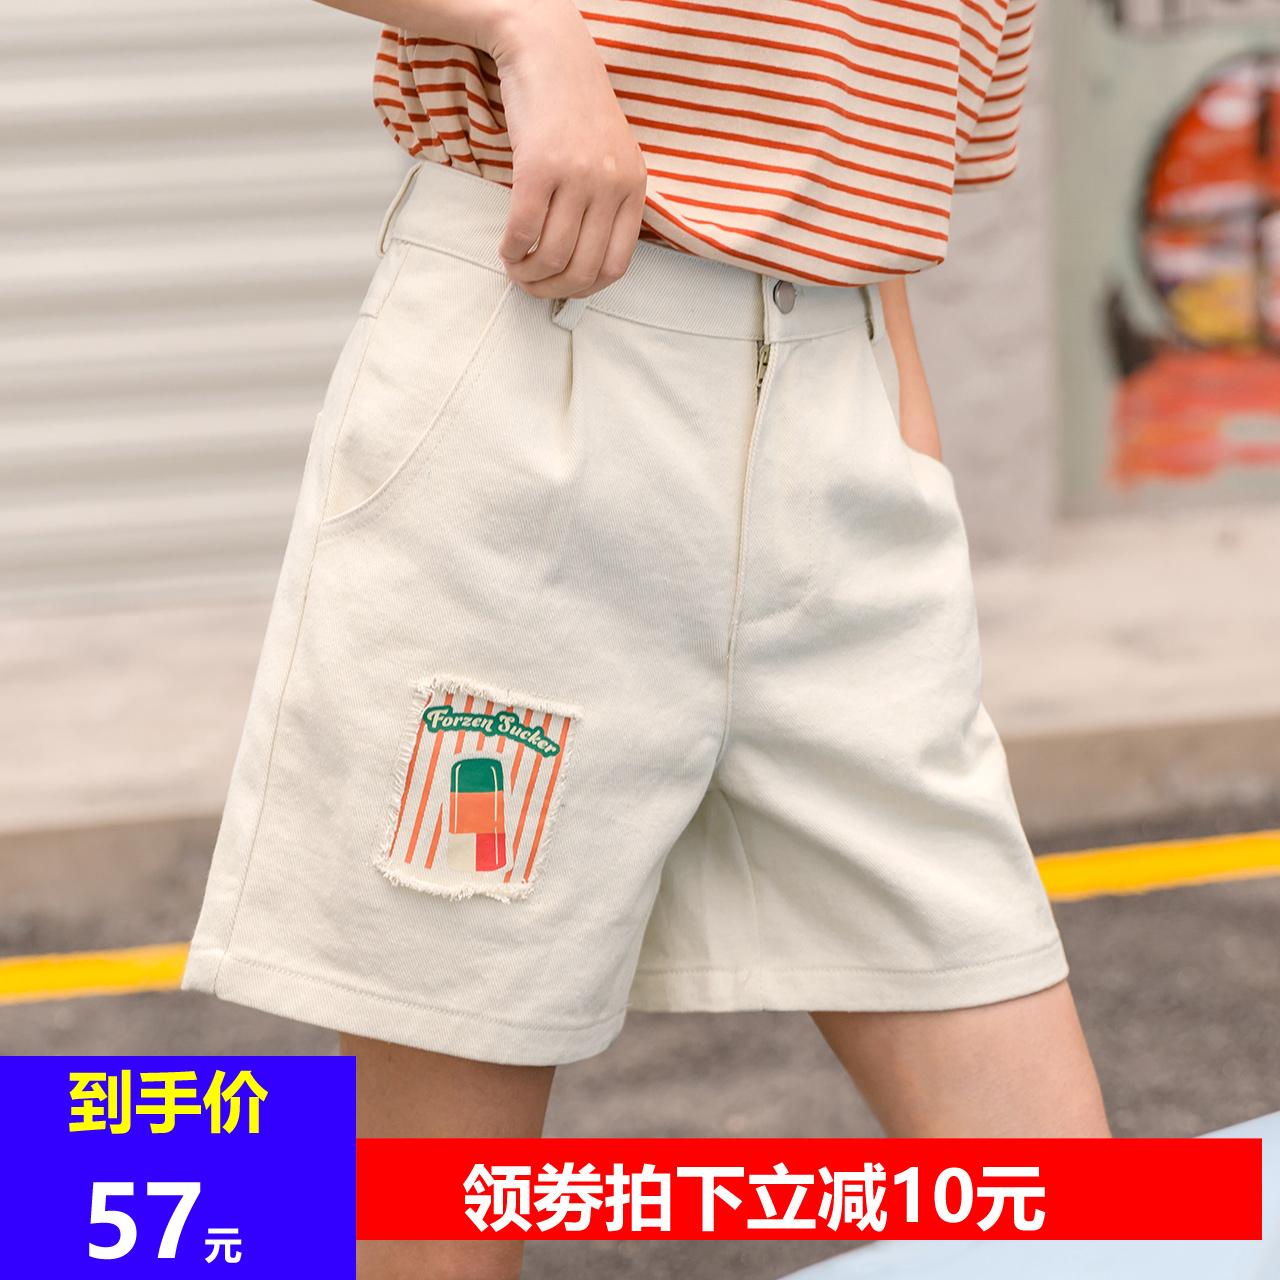 尔给五分裤宽松bf风学生韩版原宿直筒裤子女夏2018新款休闲短裤